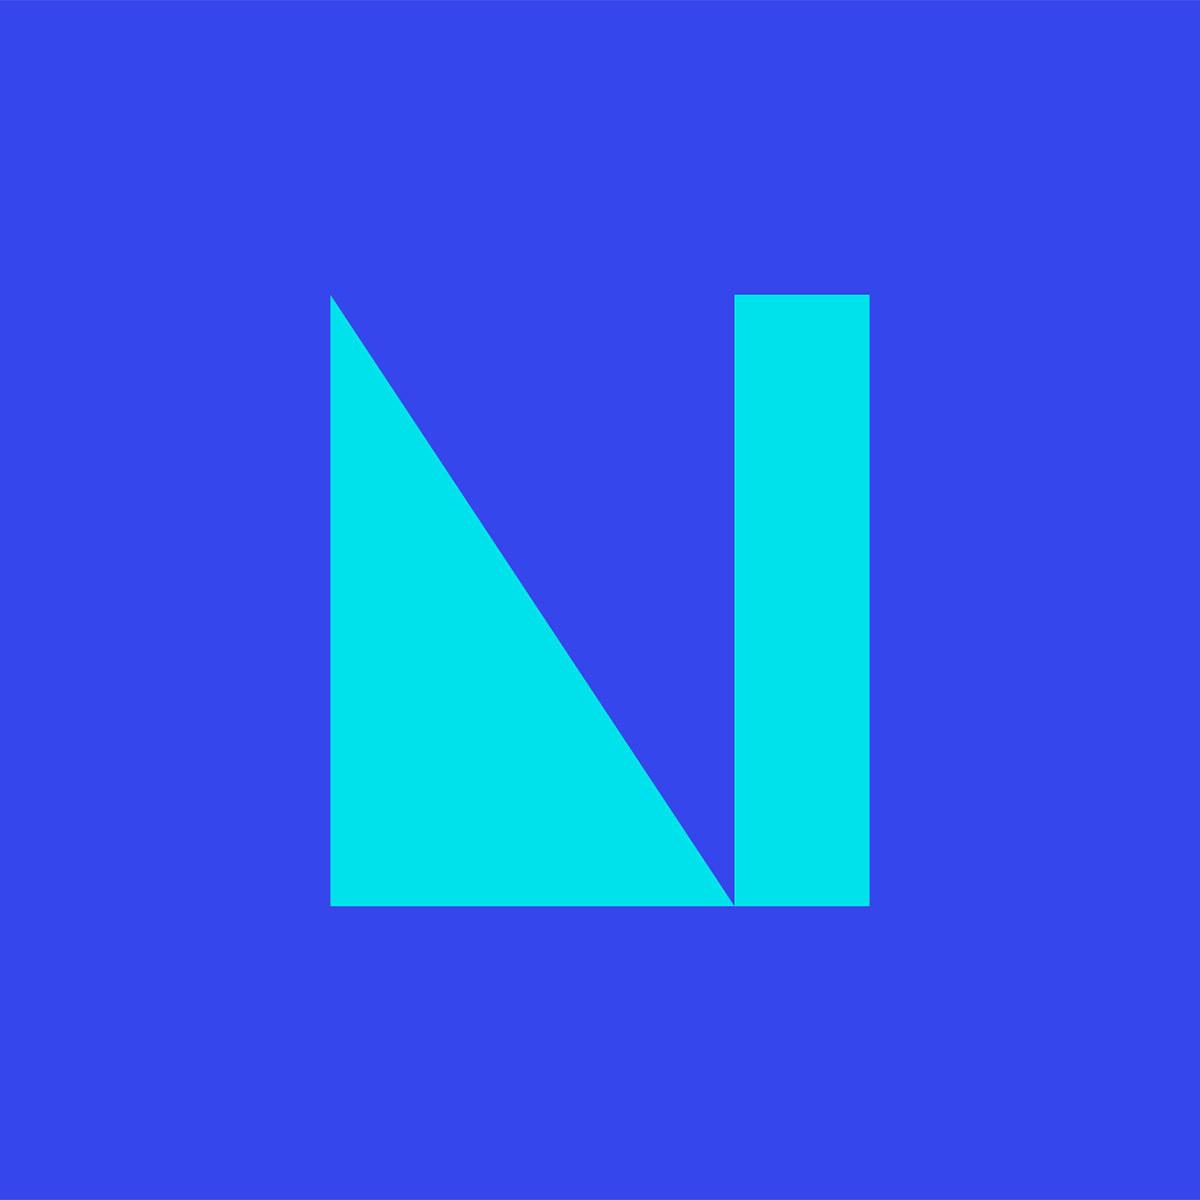 Nordic Index Blue 1200X1200